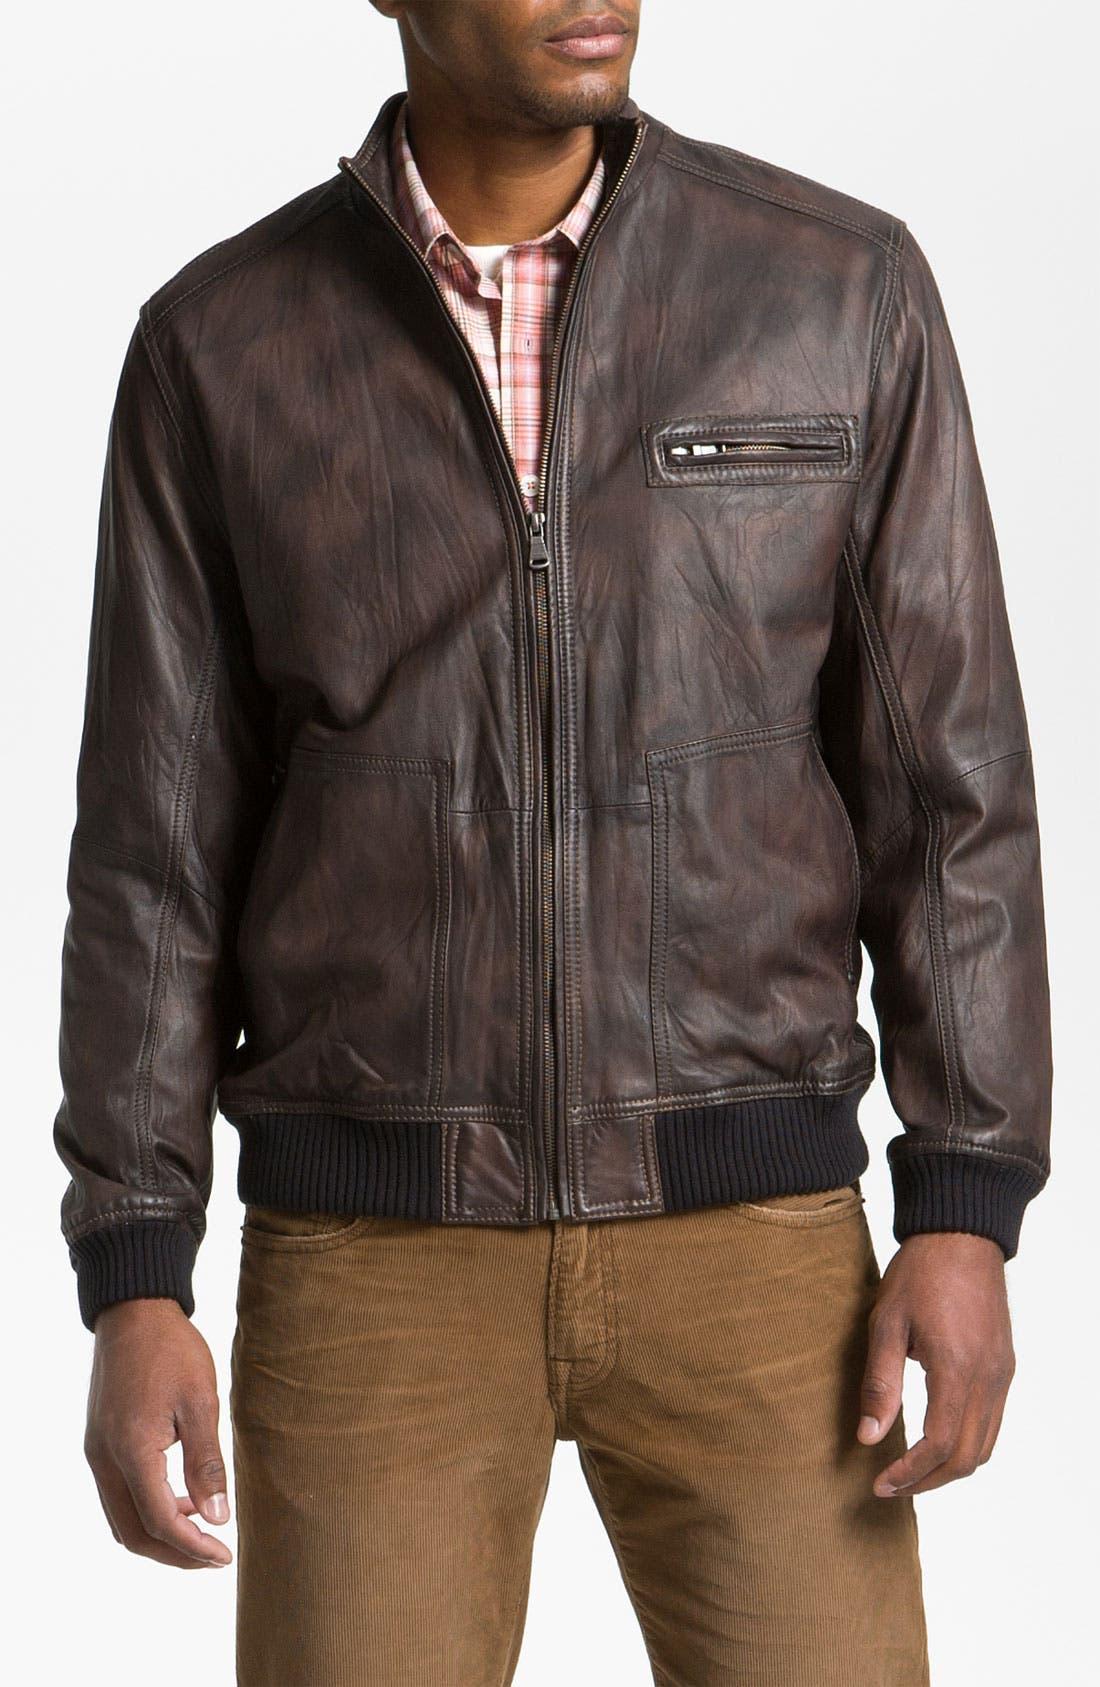 Alternate Image 1 Selected - Tommy Bahama 'Island Aviator' Leather Jacket